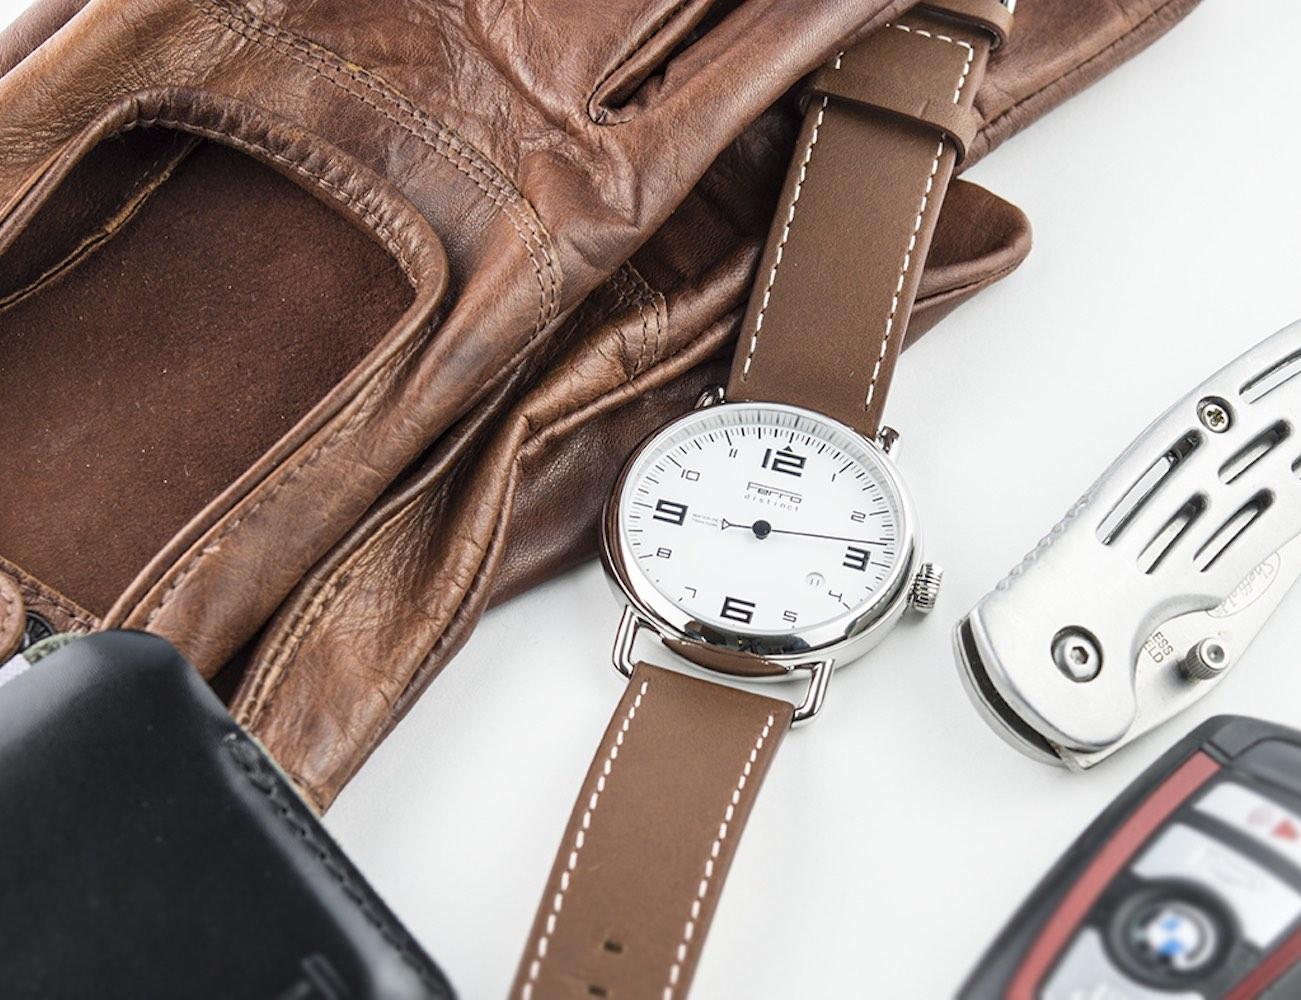 Ferro+Watch+%26%238211%3B+A+Timepiece+Redefined+By+Porsche+Tachometers